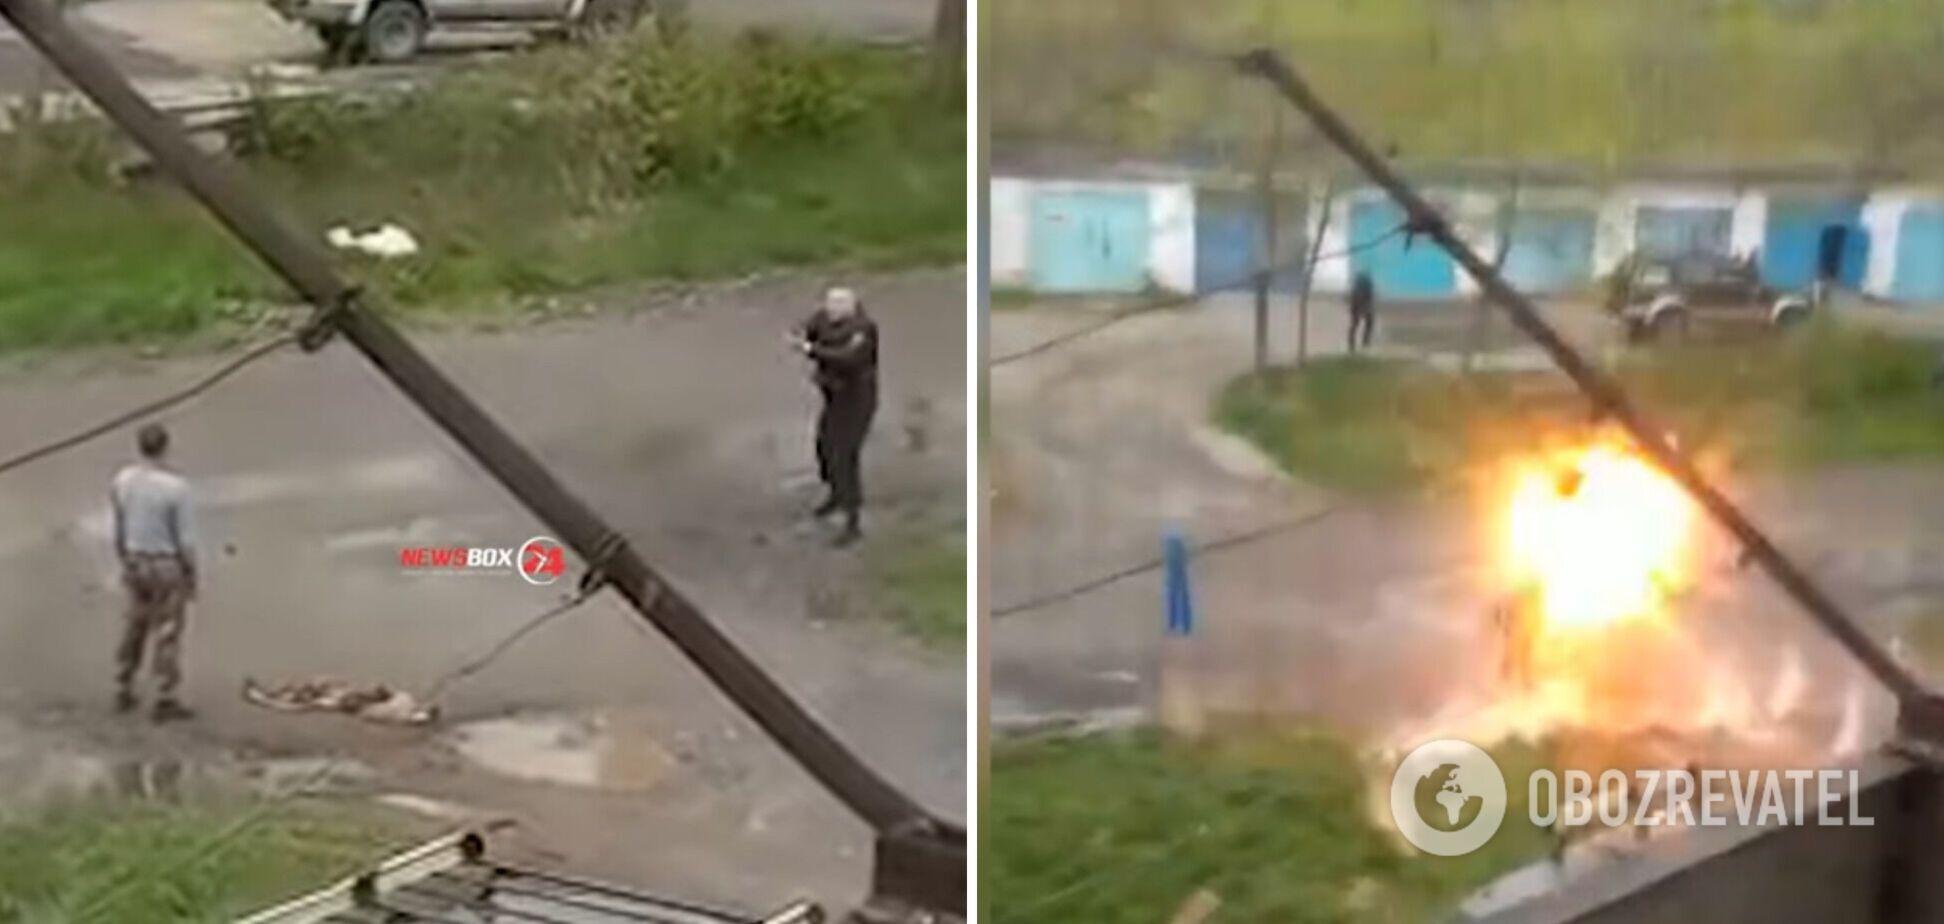 Інцидент стався в місті Спаськ-Дальній Приморського краю